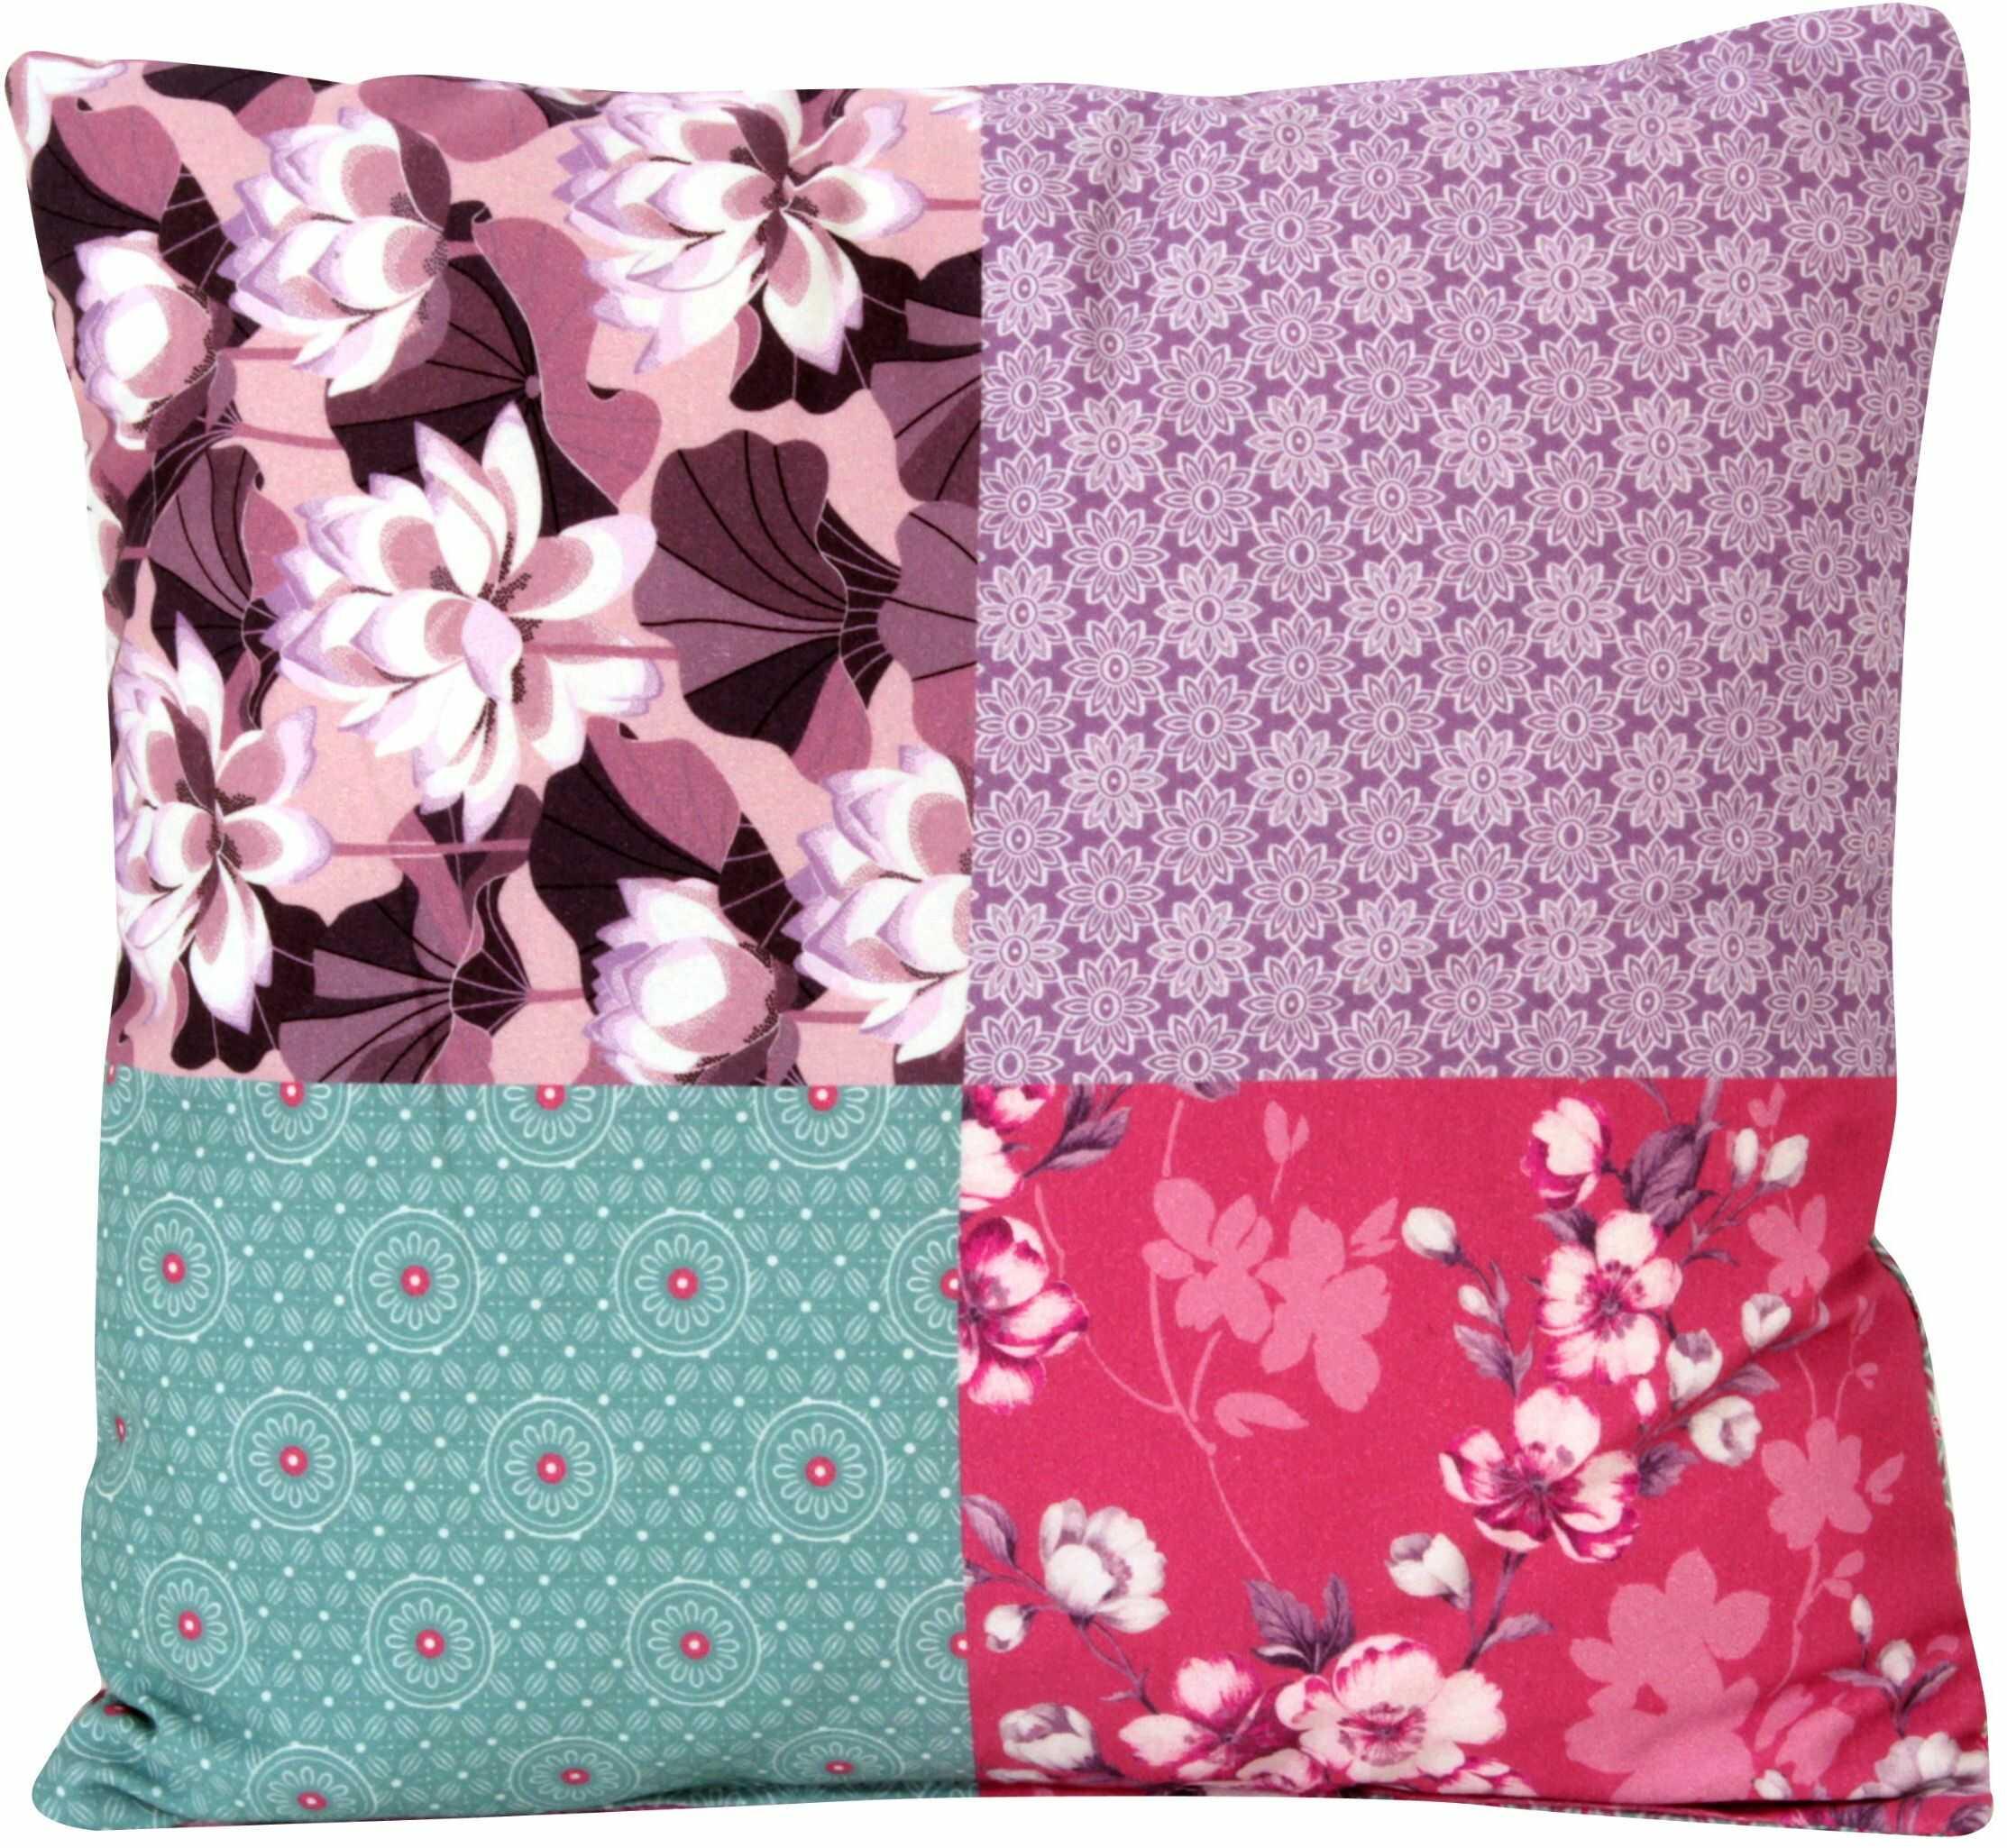 Max Winzer 989154442422359 poduszka ozdobna, mała, materiał patchwork jeżynowy